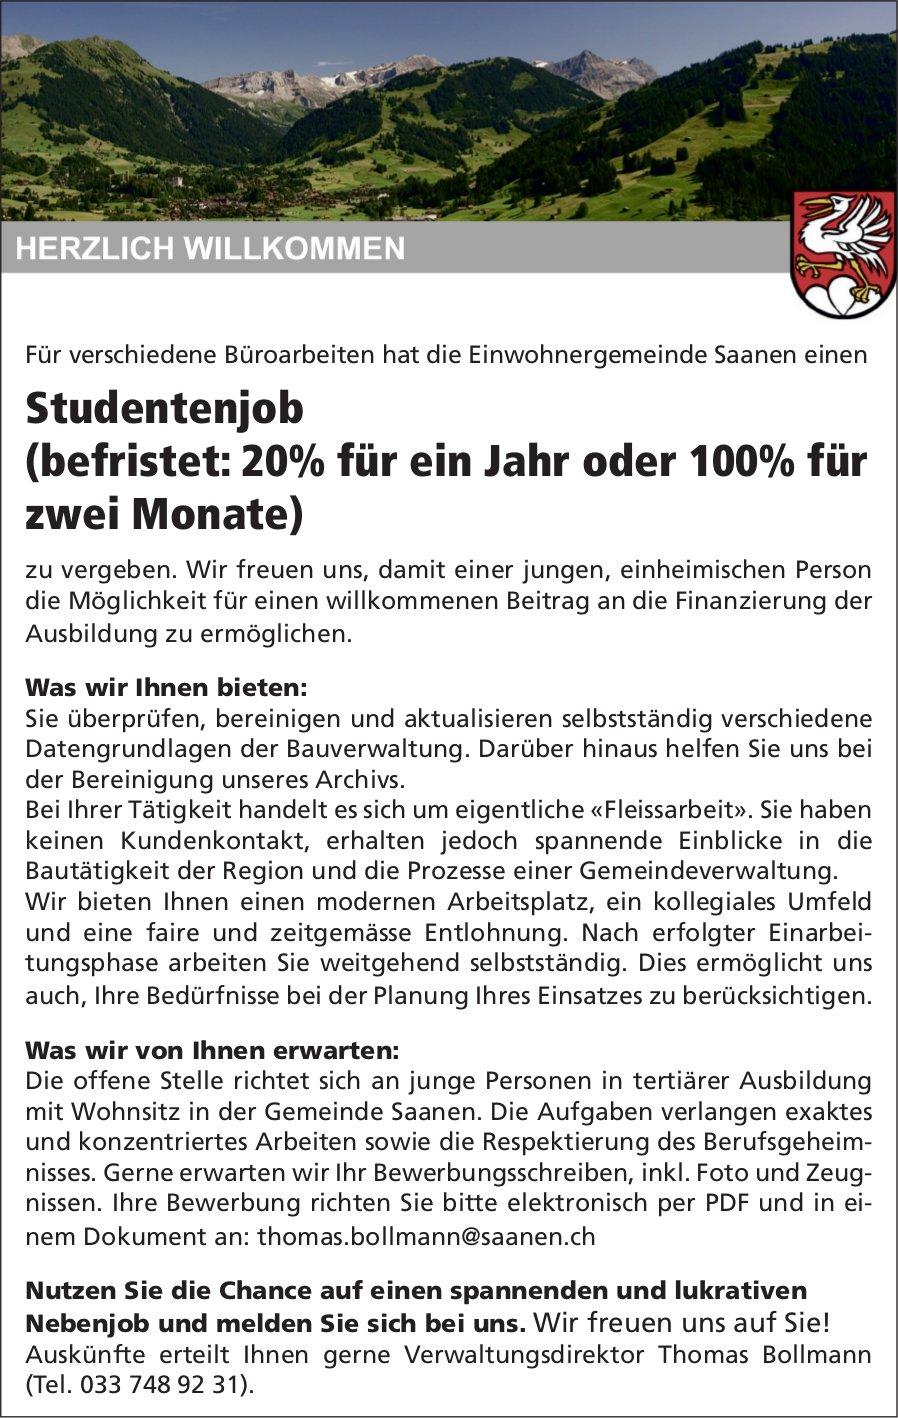 Studentenjob (befristet: 20% für ein Jahr oder 100% für zwei Monate), Gemeinde, Saanen, zu vergeben